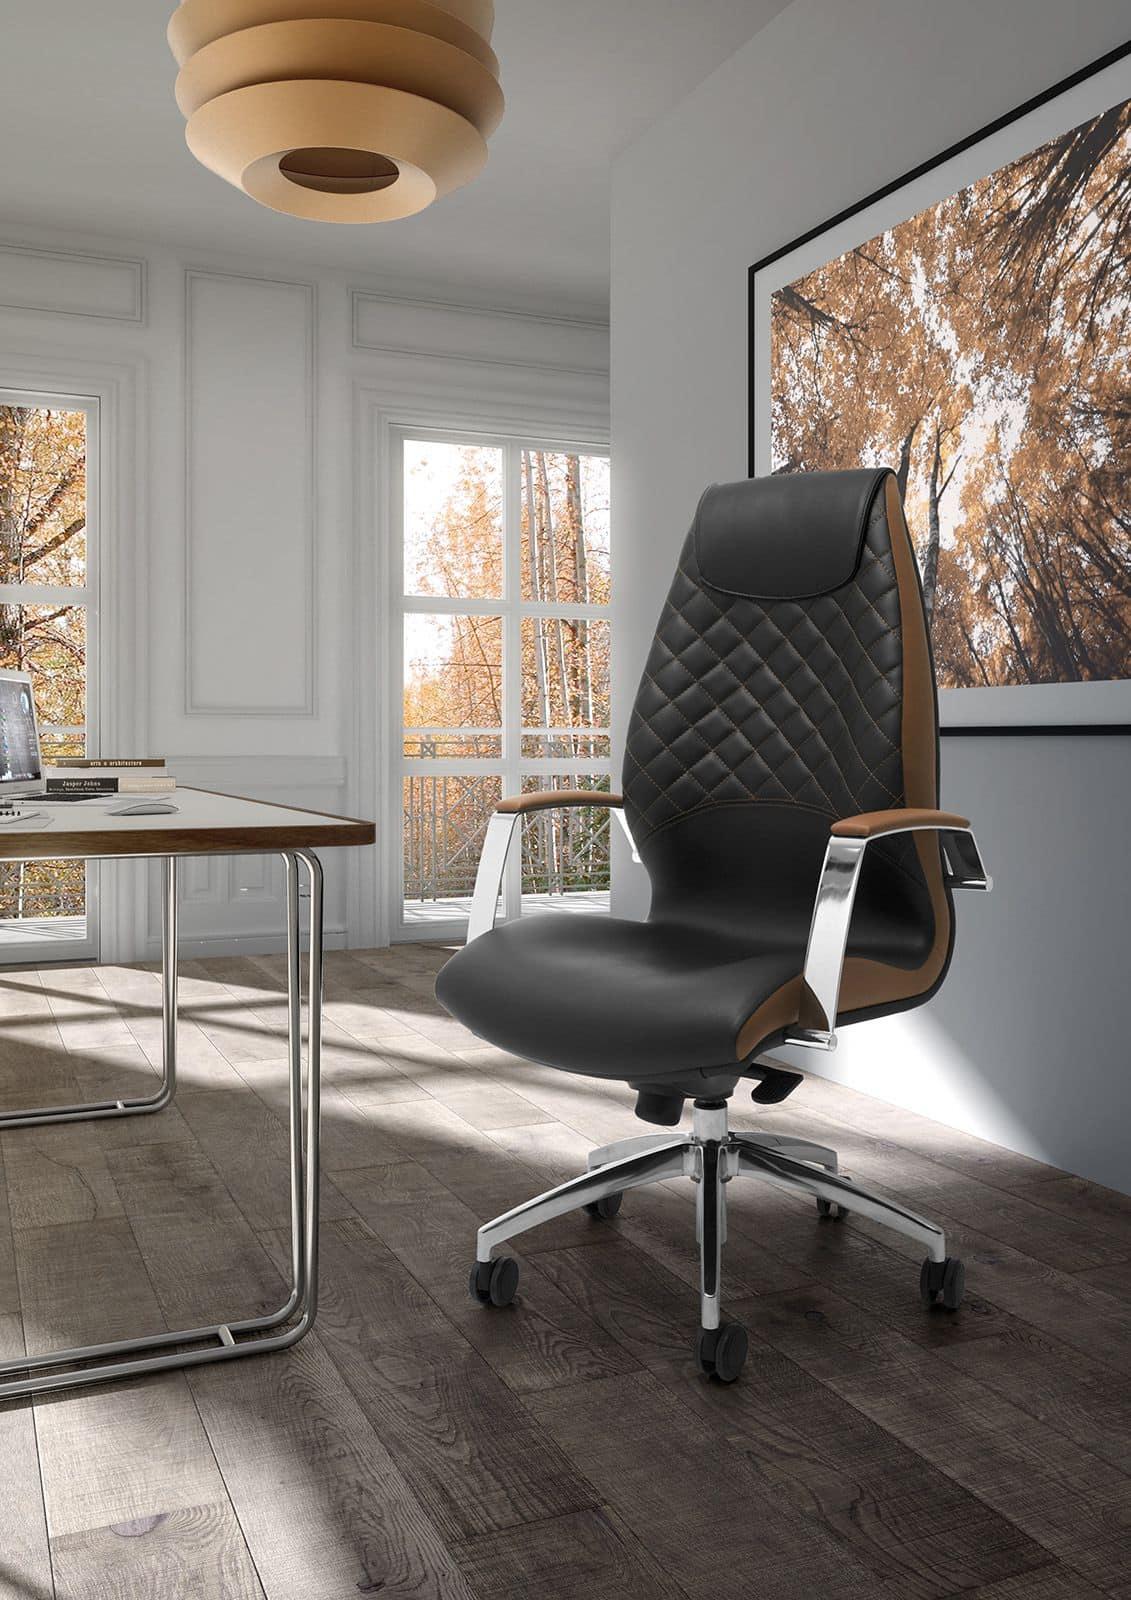 Poltrona presidenziale con rivestimento in pelle idfdesign for Rivestimento sedie